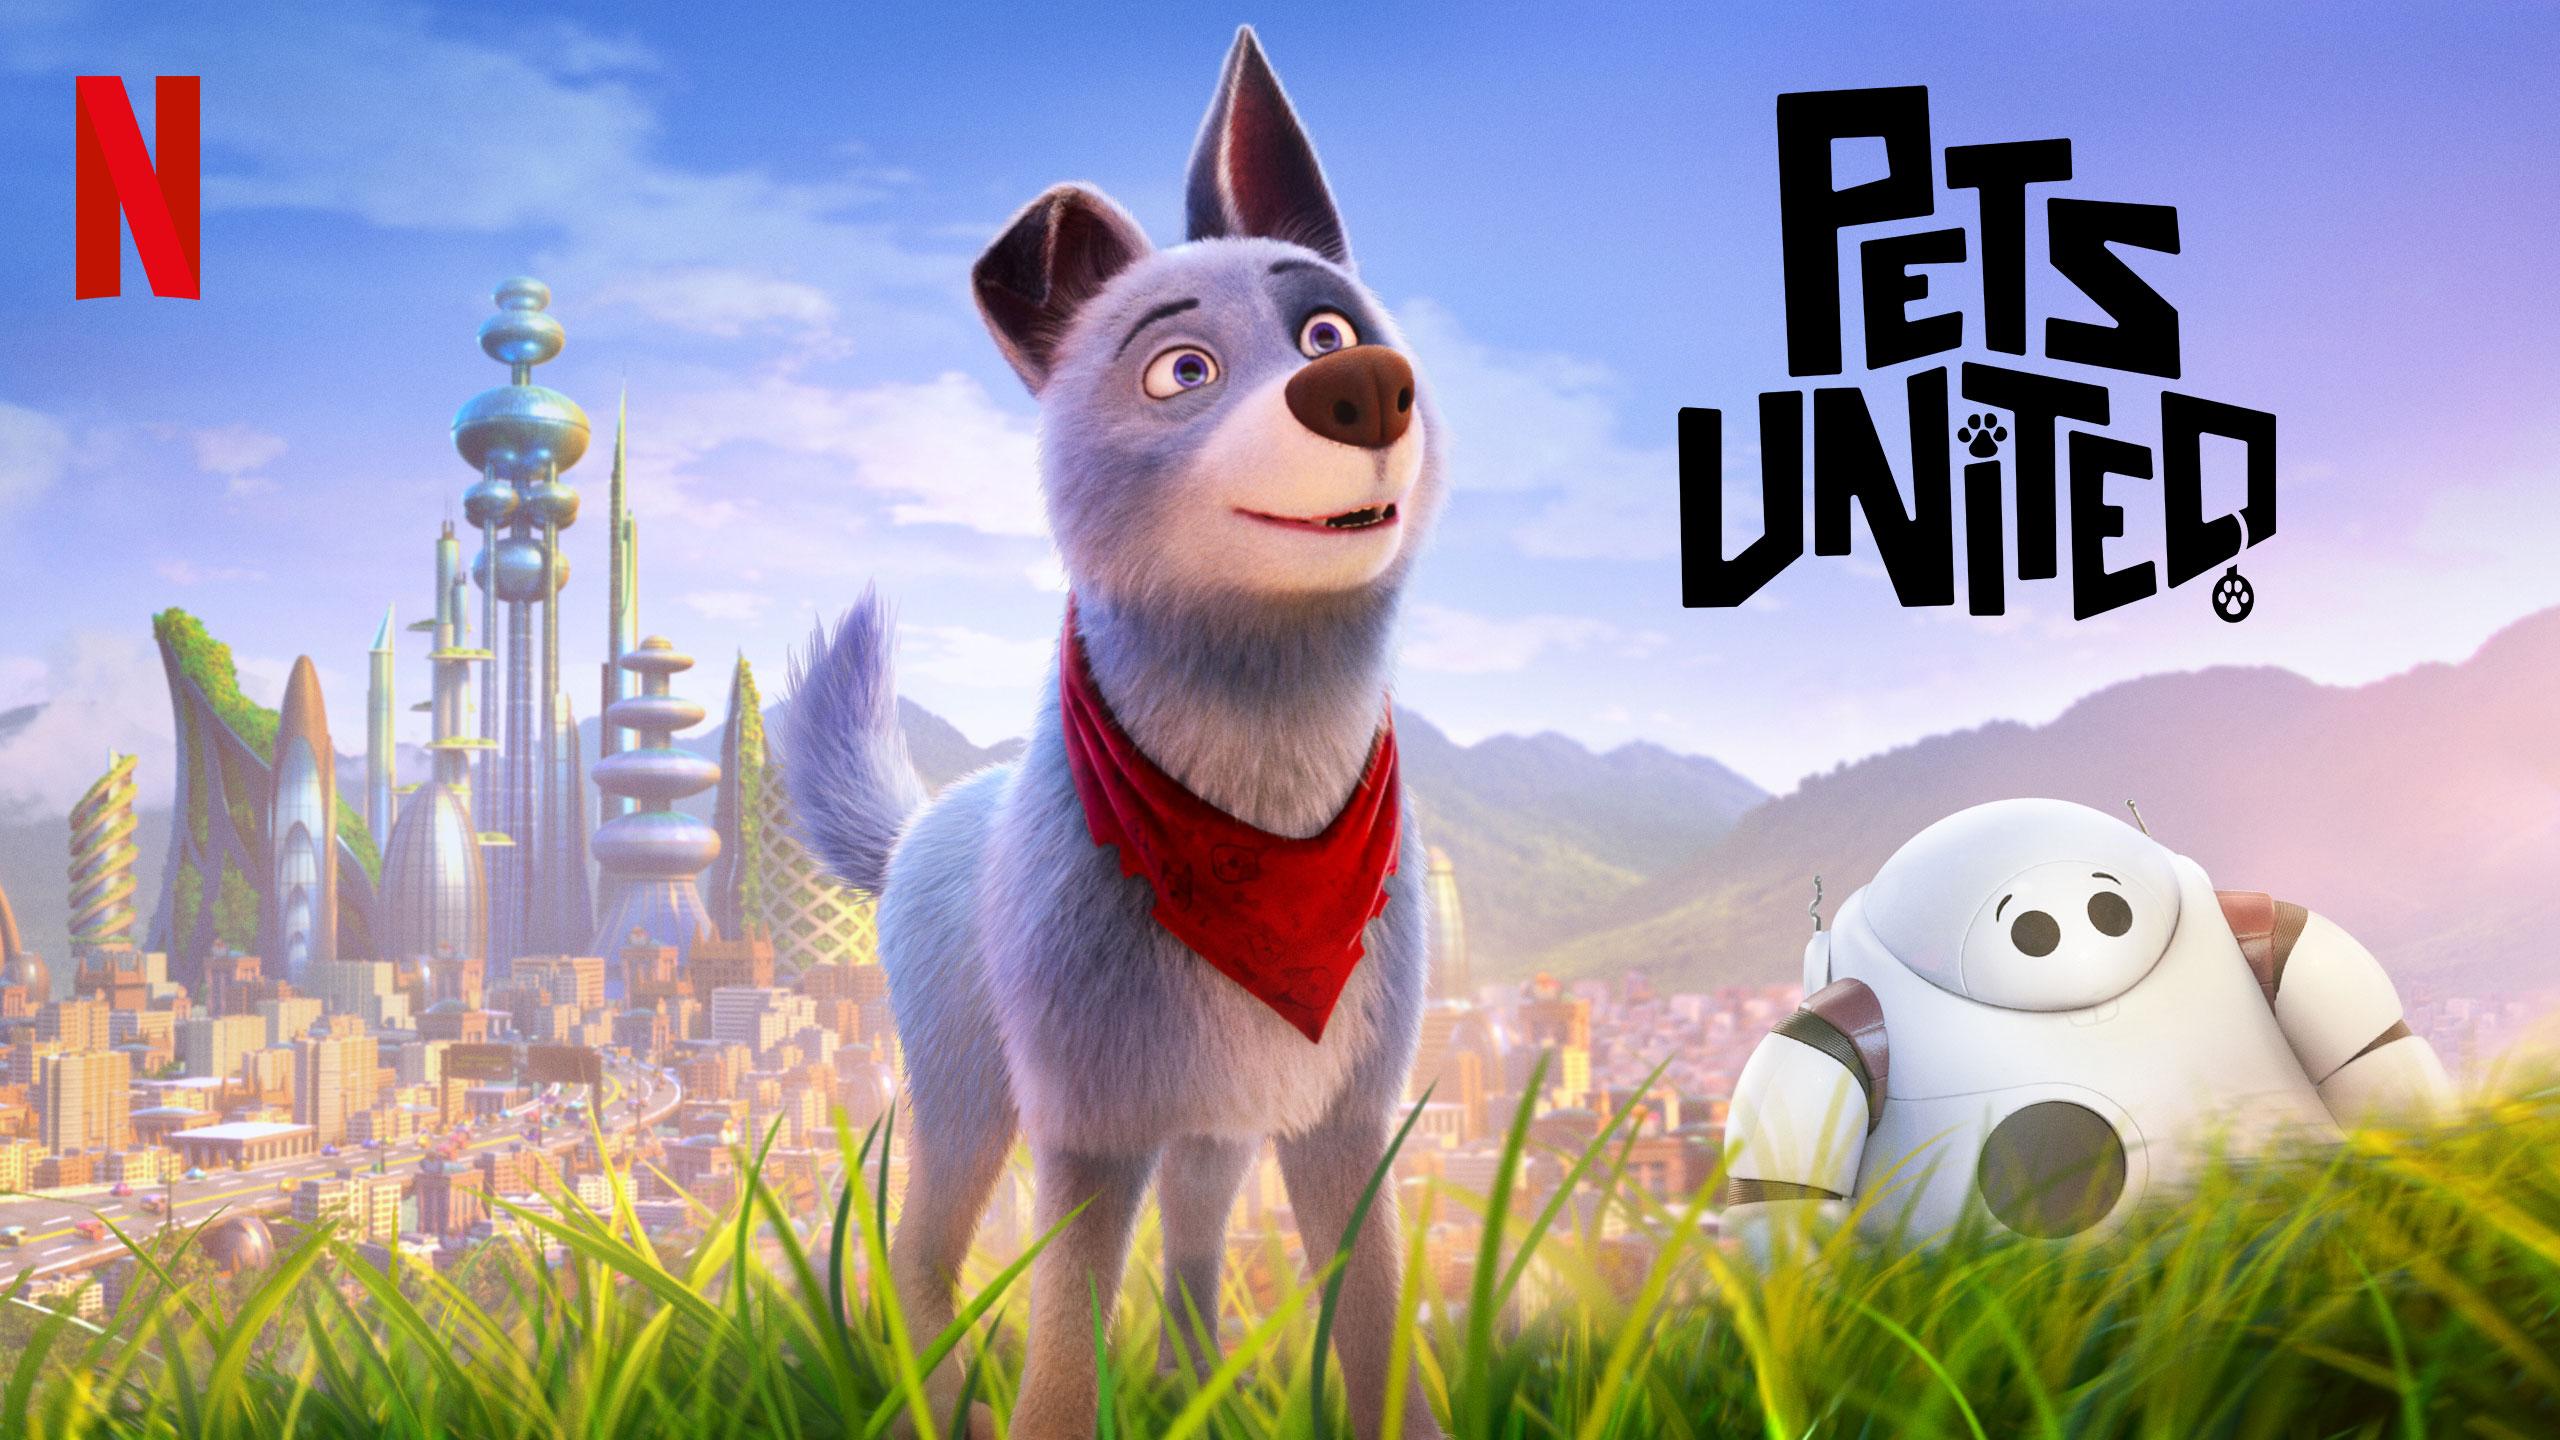 Pets United | Netflix DA Concept, Finishing & Illustration